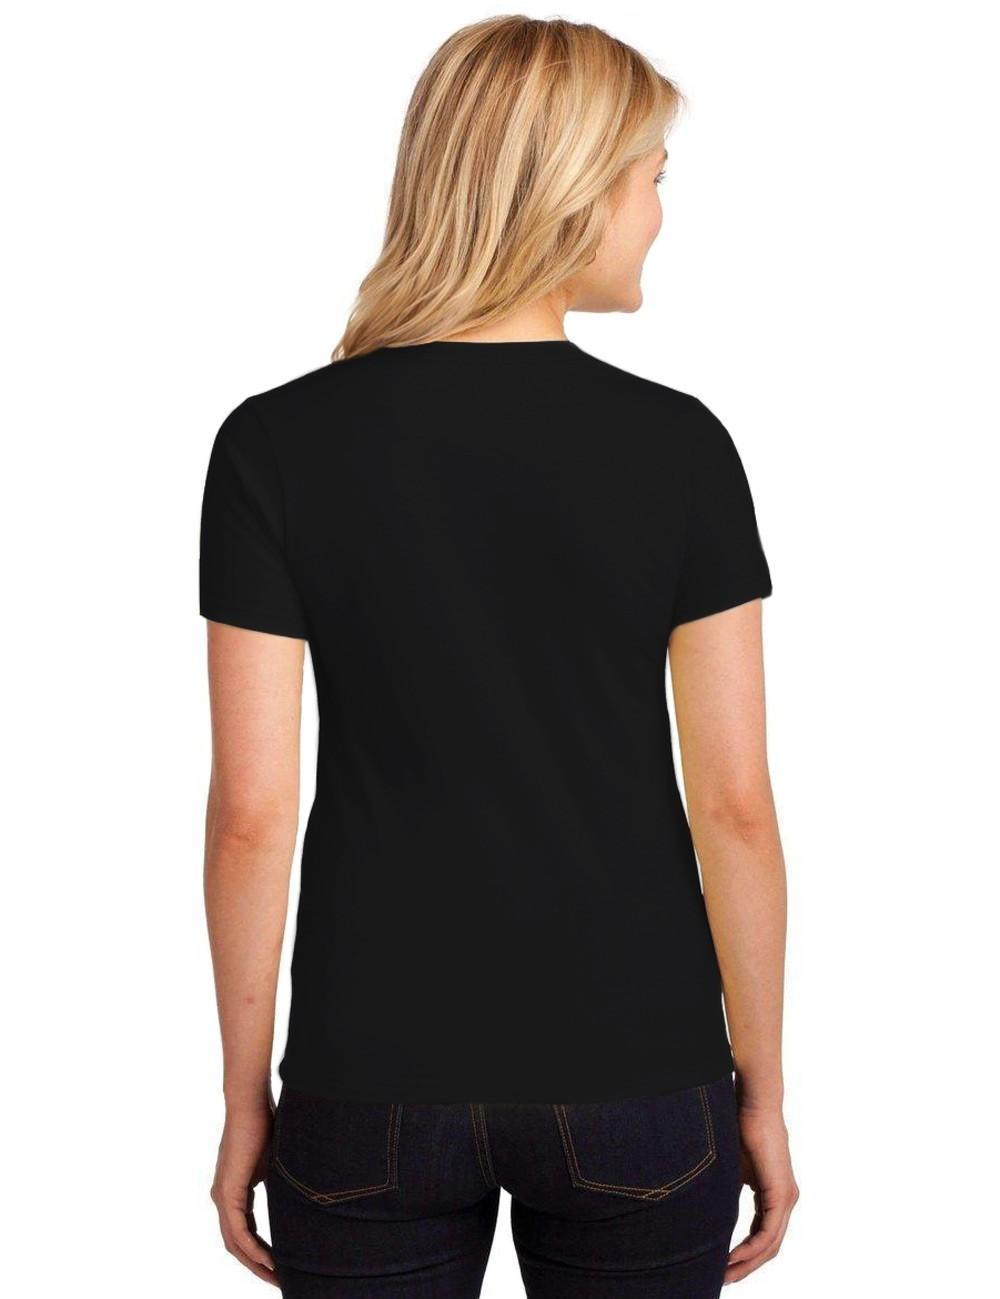 Camiseta Feminina T-Shirt Universitária Faculdade Geografia